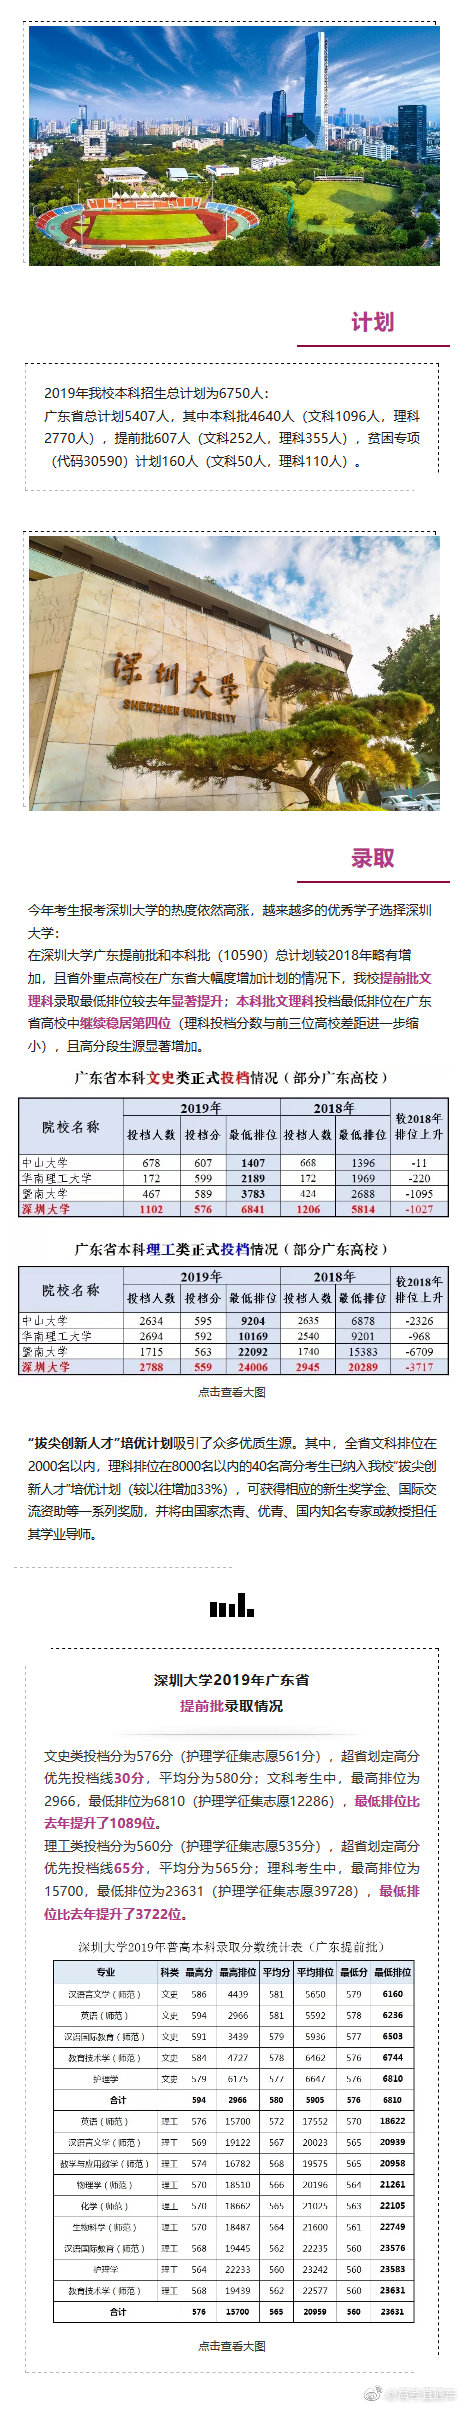 深圳大学广东本科批稳居广东高校前四! 有被深大录取的小伙伴吗